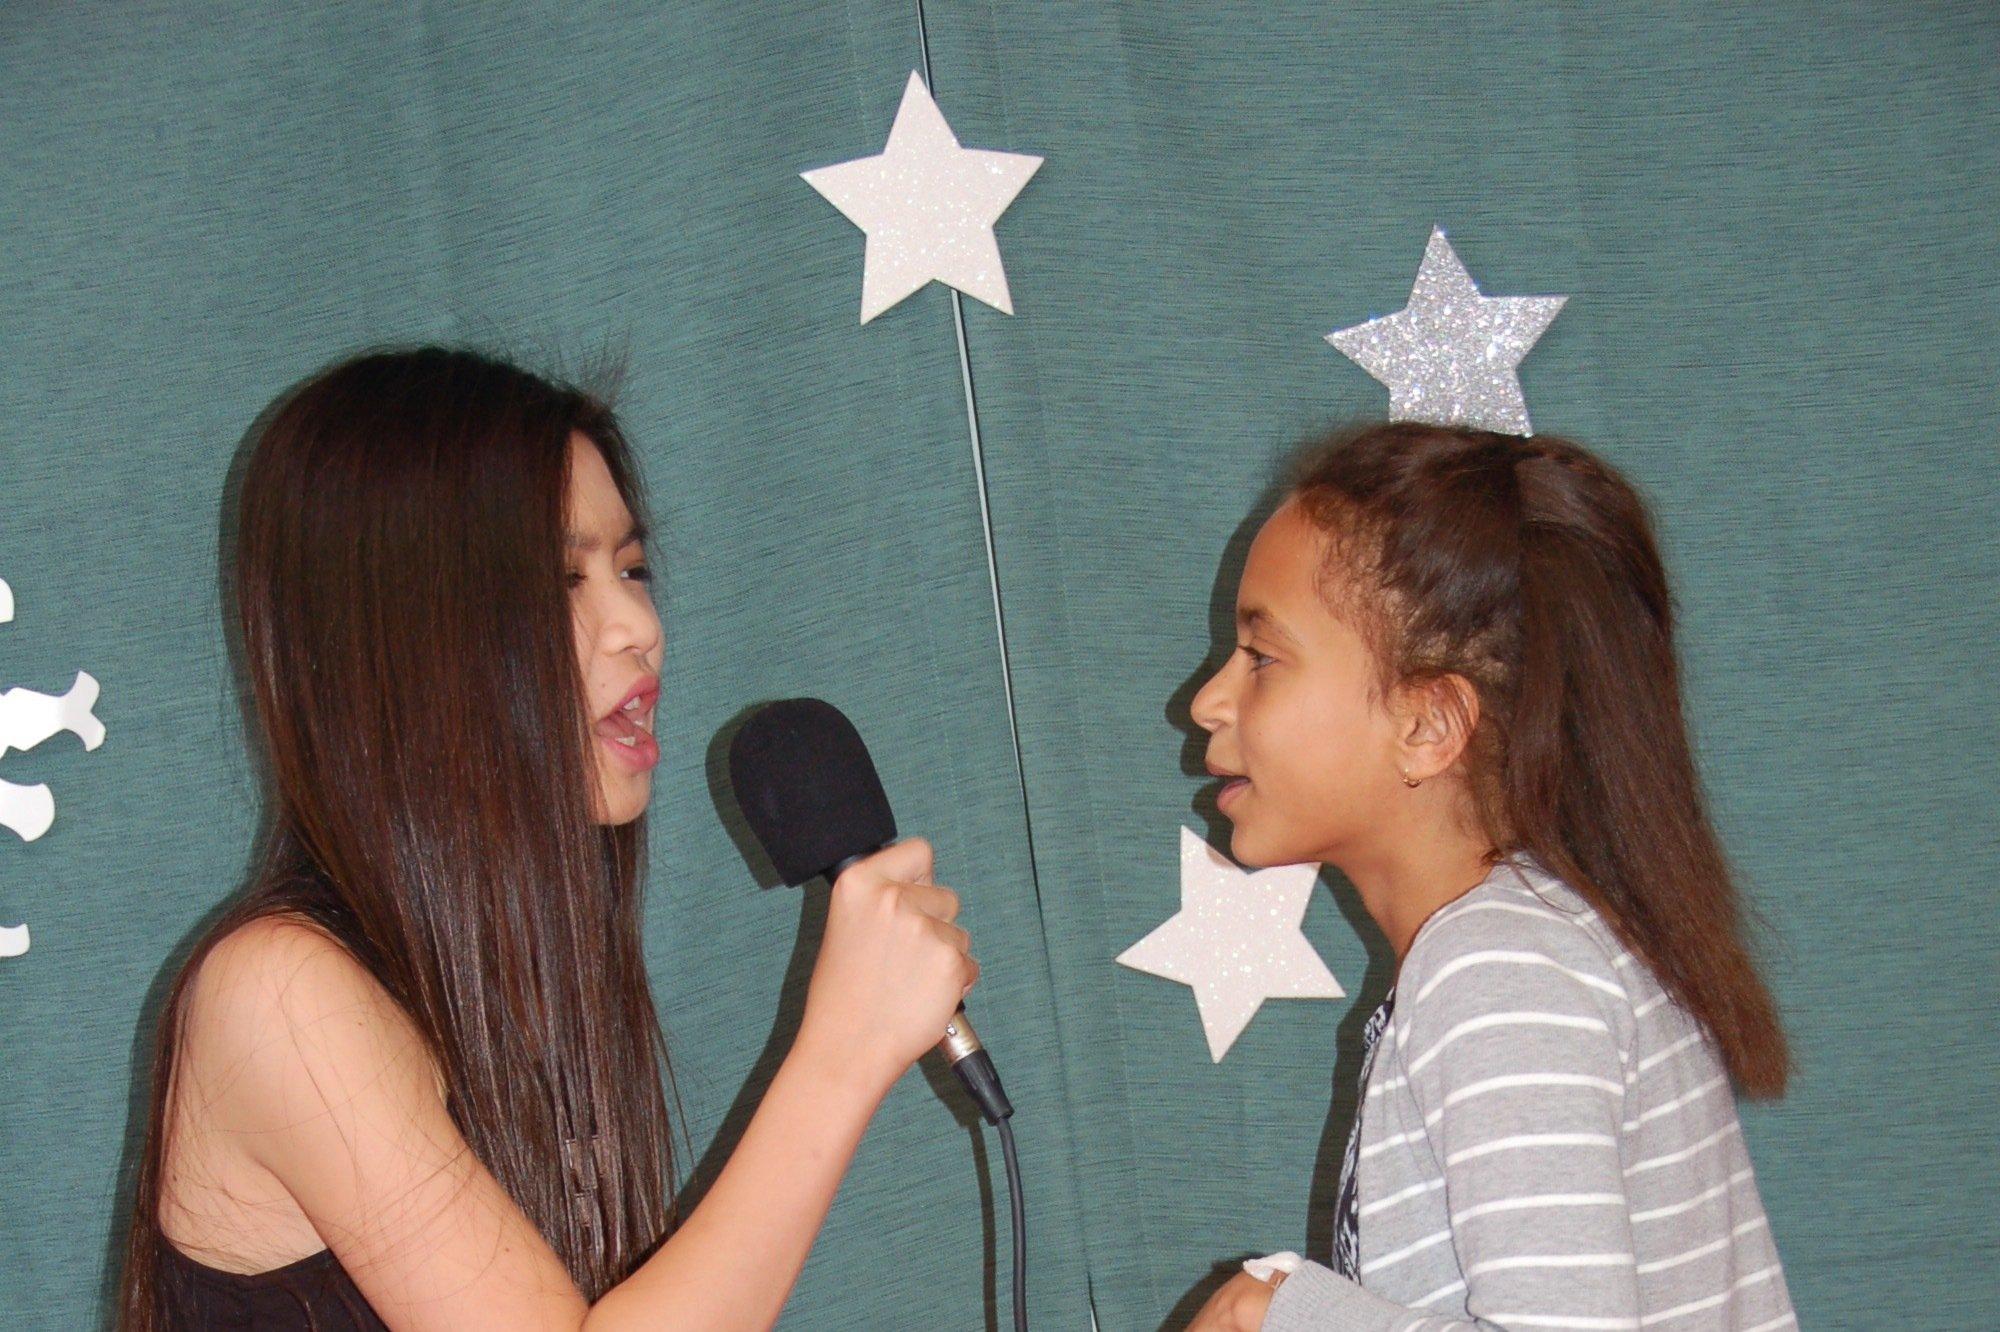 Sing a duet